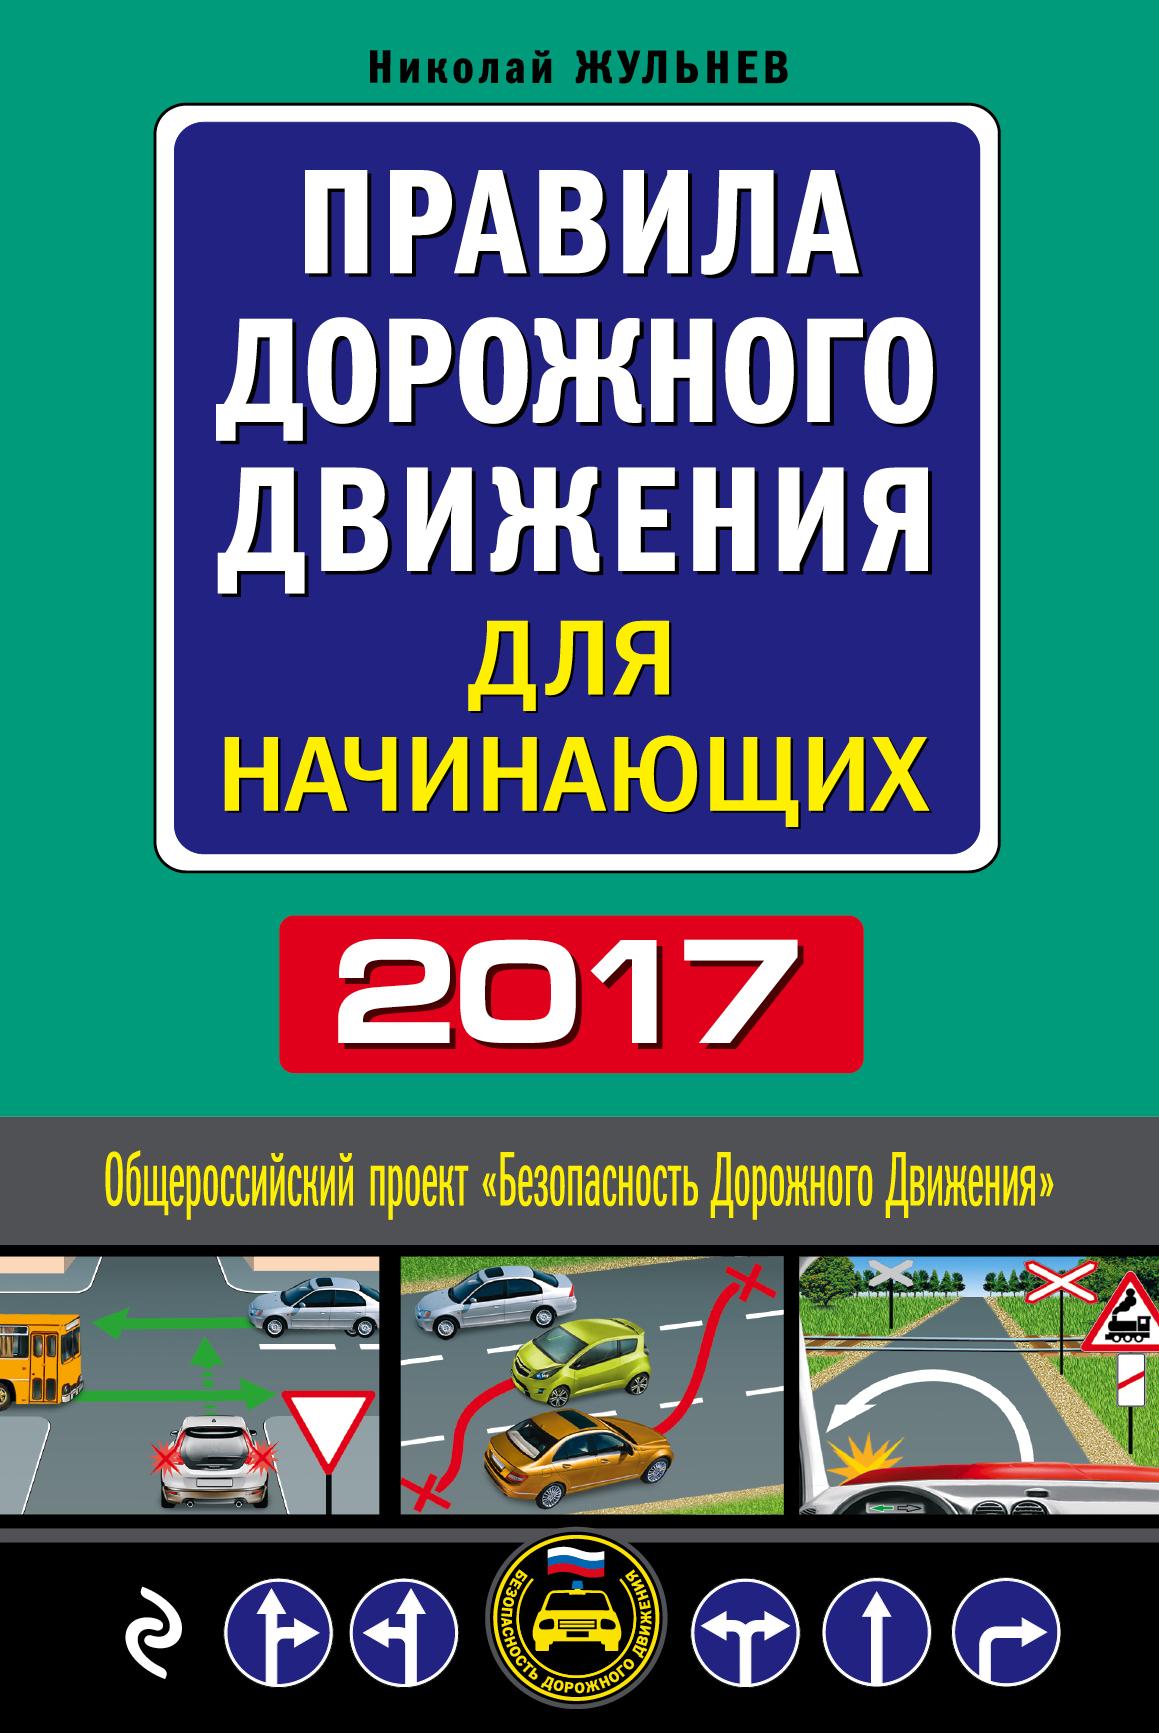 Н. Жульнев Правила дорожного движения для начинающих 2017 (с посл. изм. и доп.) жульнев н правила дорожного движения для начинающих с изм на 2017